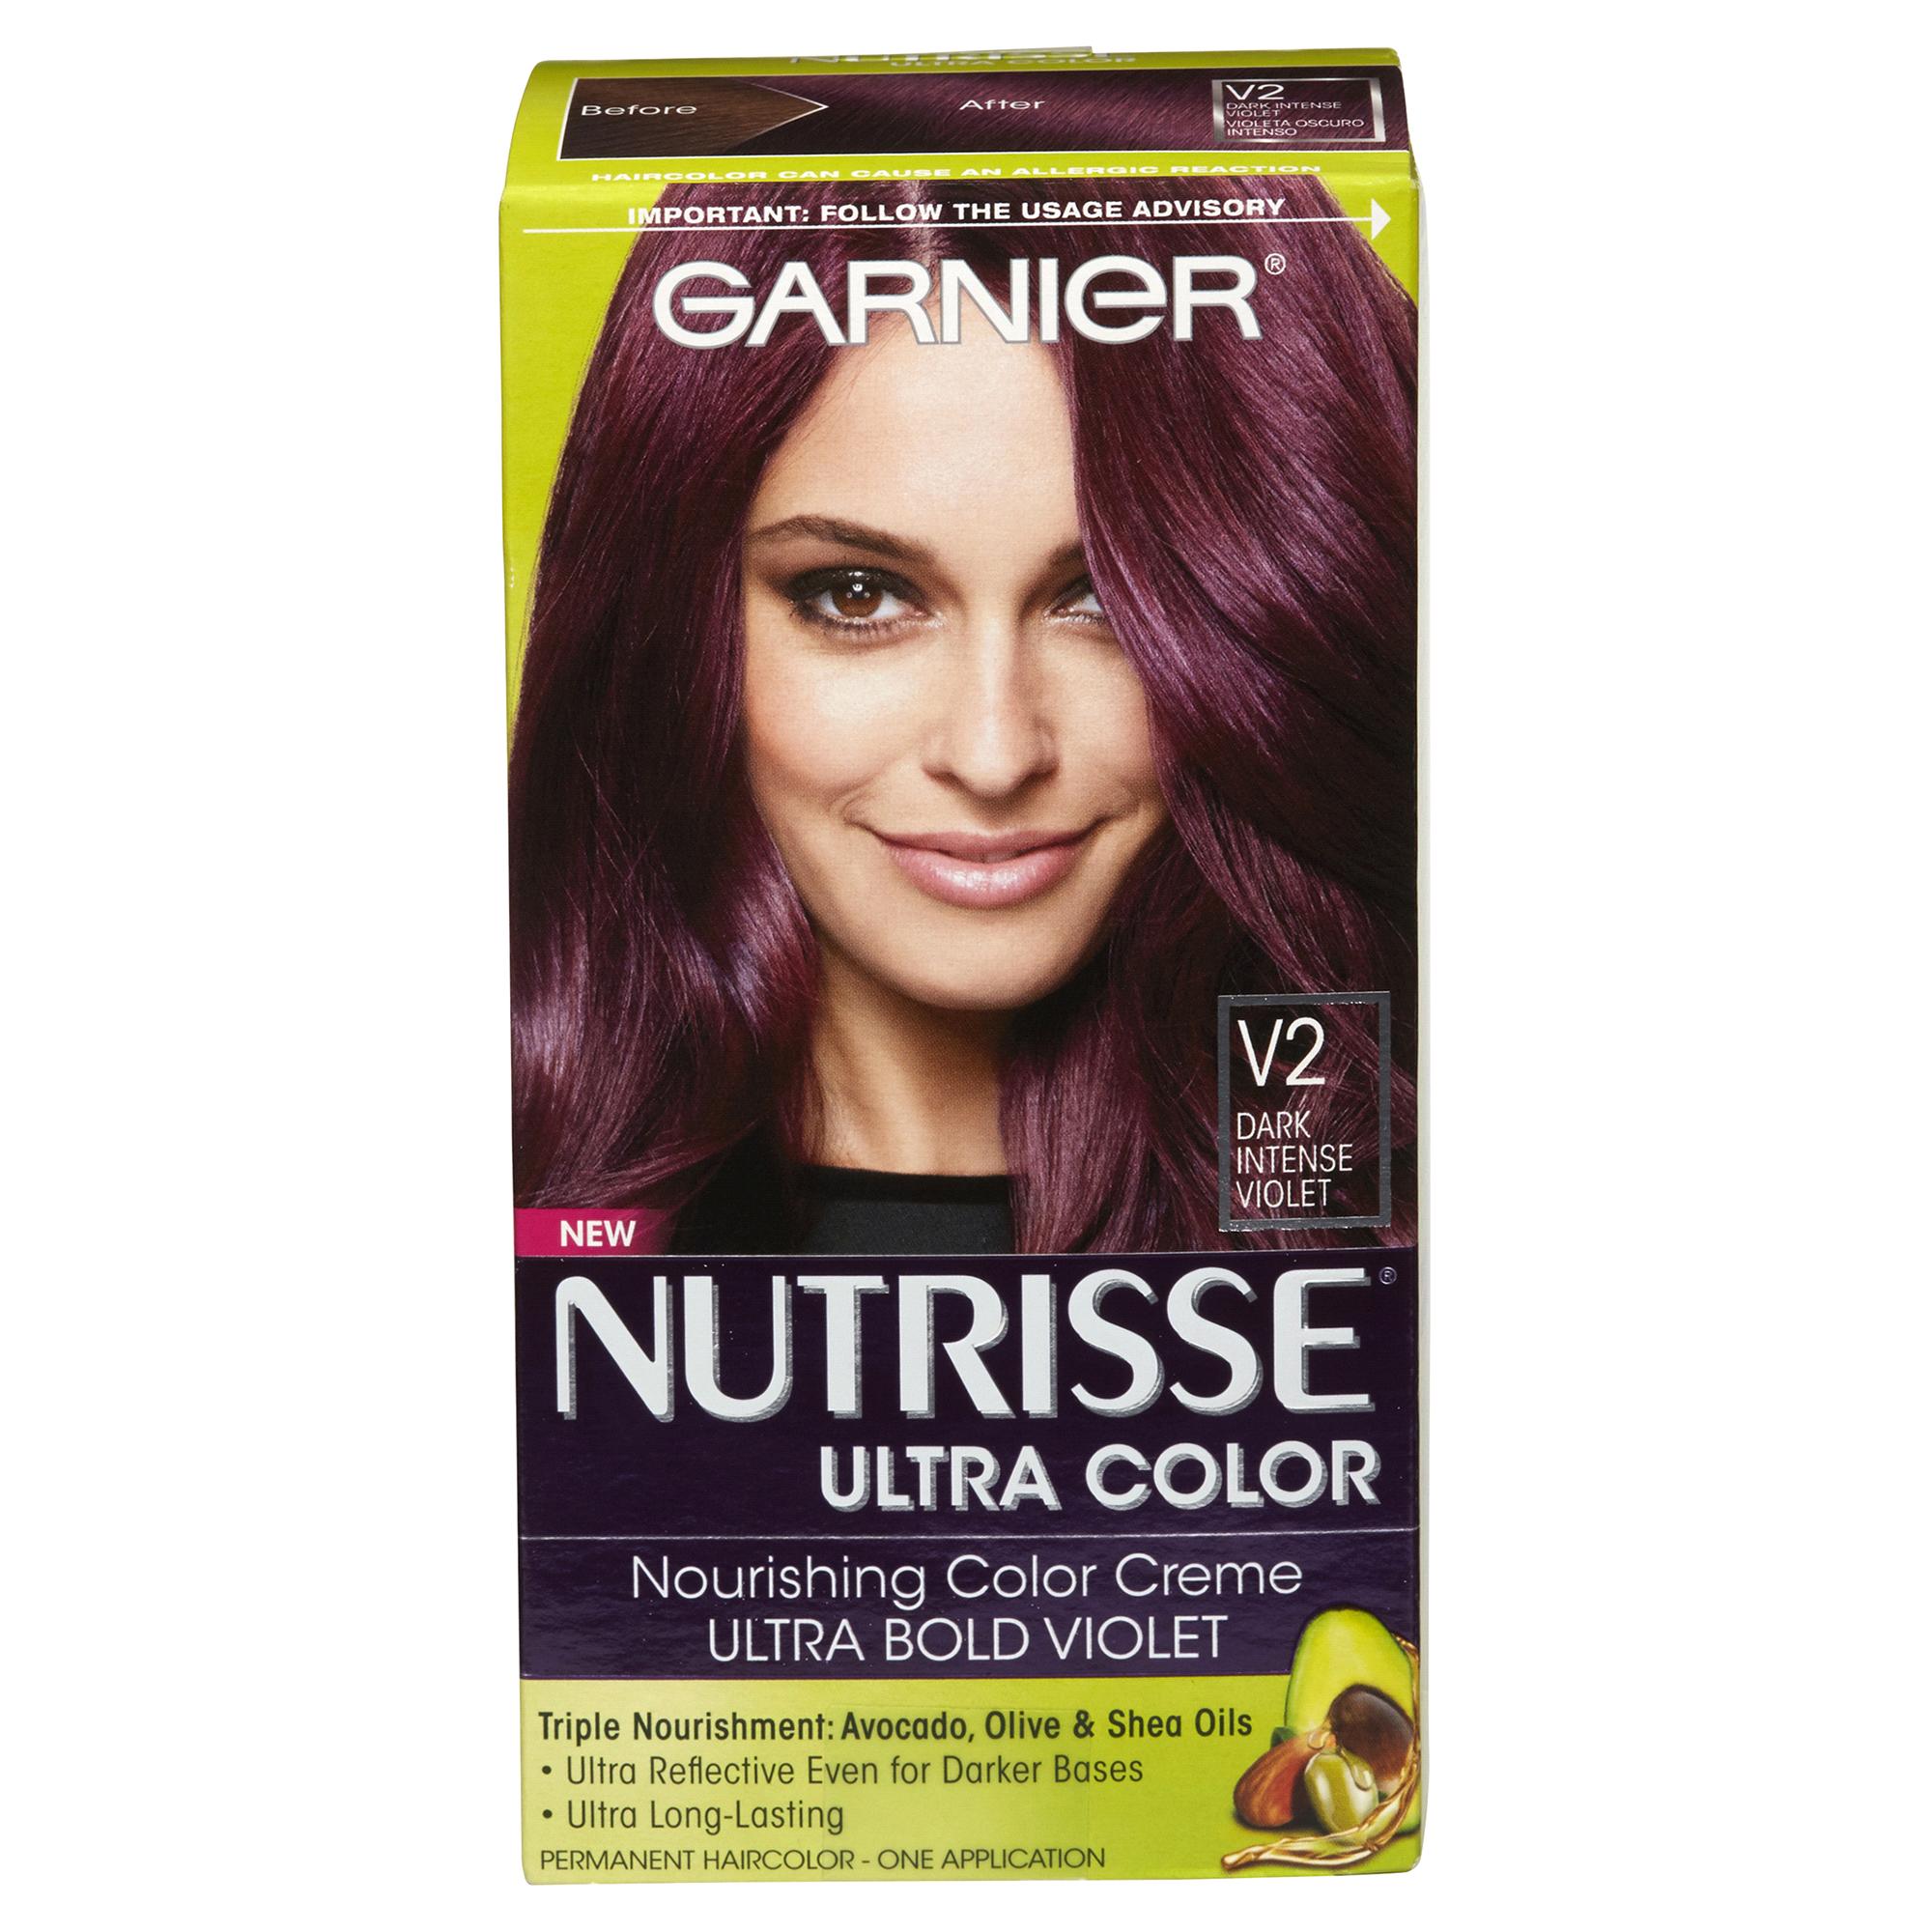 Garnier Nutrisse Ultra Color Creme Dark Intense Violet V2 Meijer